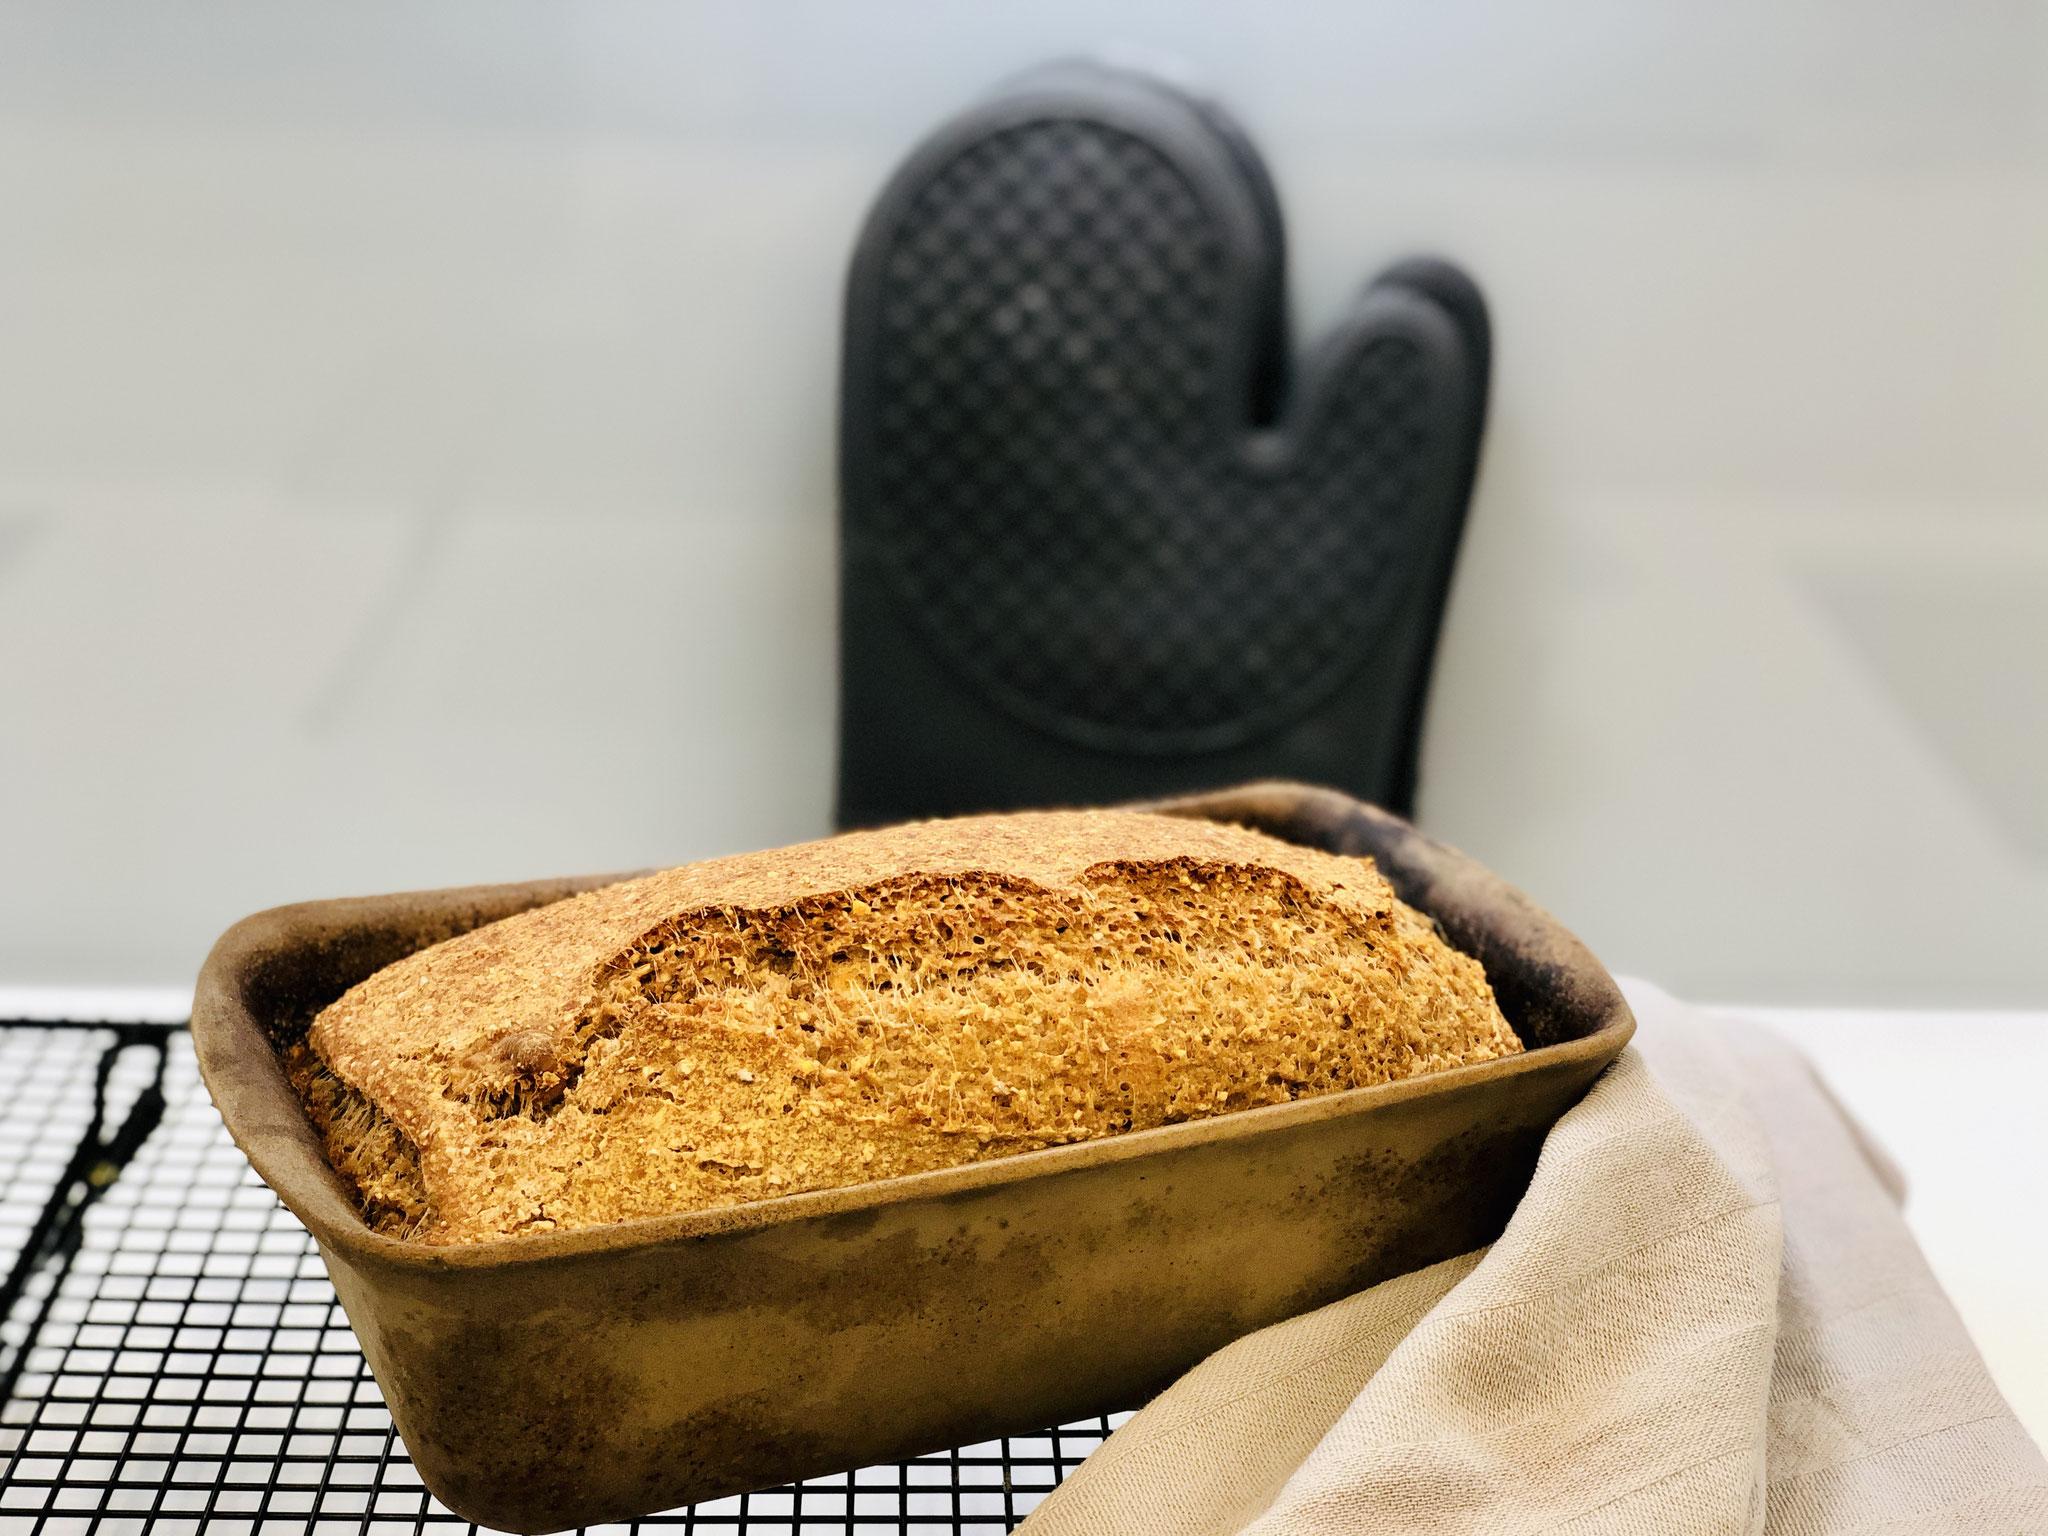 Hier siehst du mein frisch gebackenes Brot aus dem Zauberkasten Plus das nun ganz schnell auf das Pampered Chef® Kuchengitter zu abkühlen gestürzt werden muss...